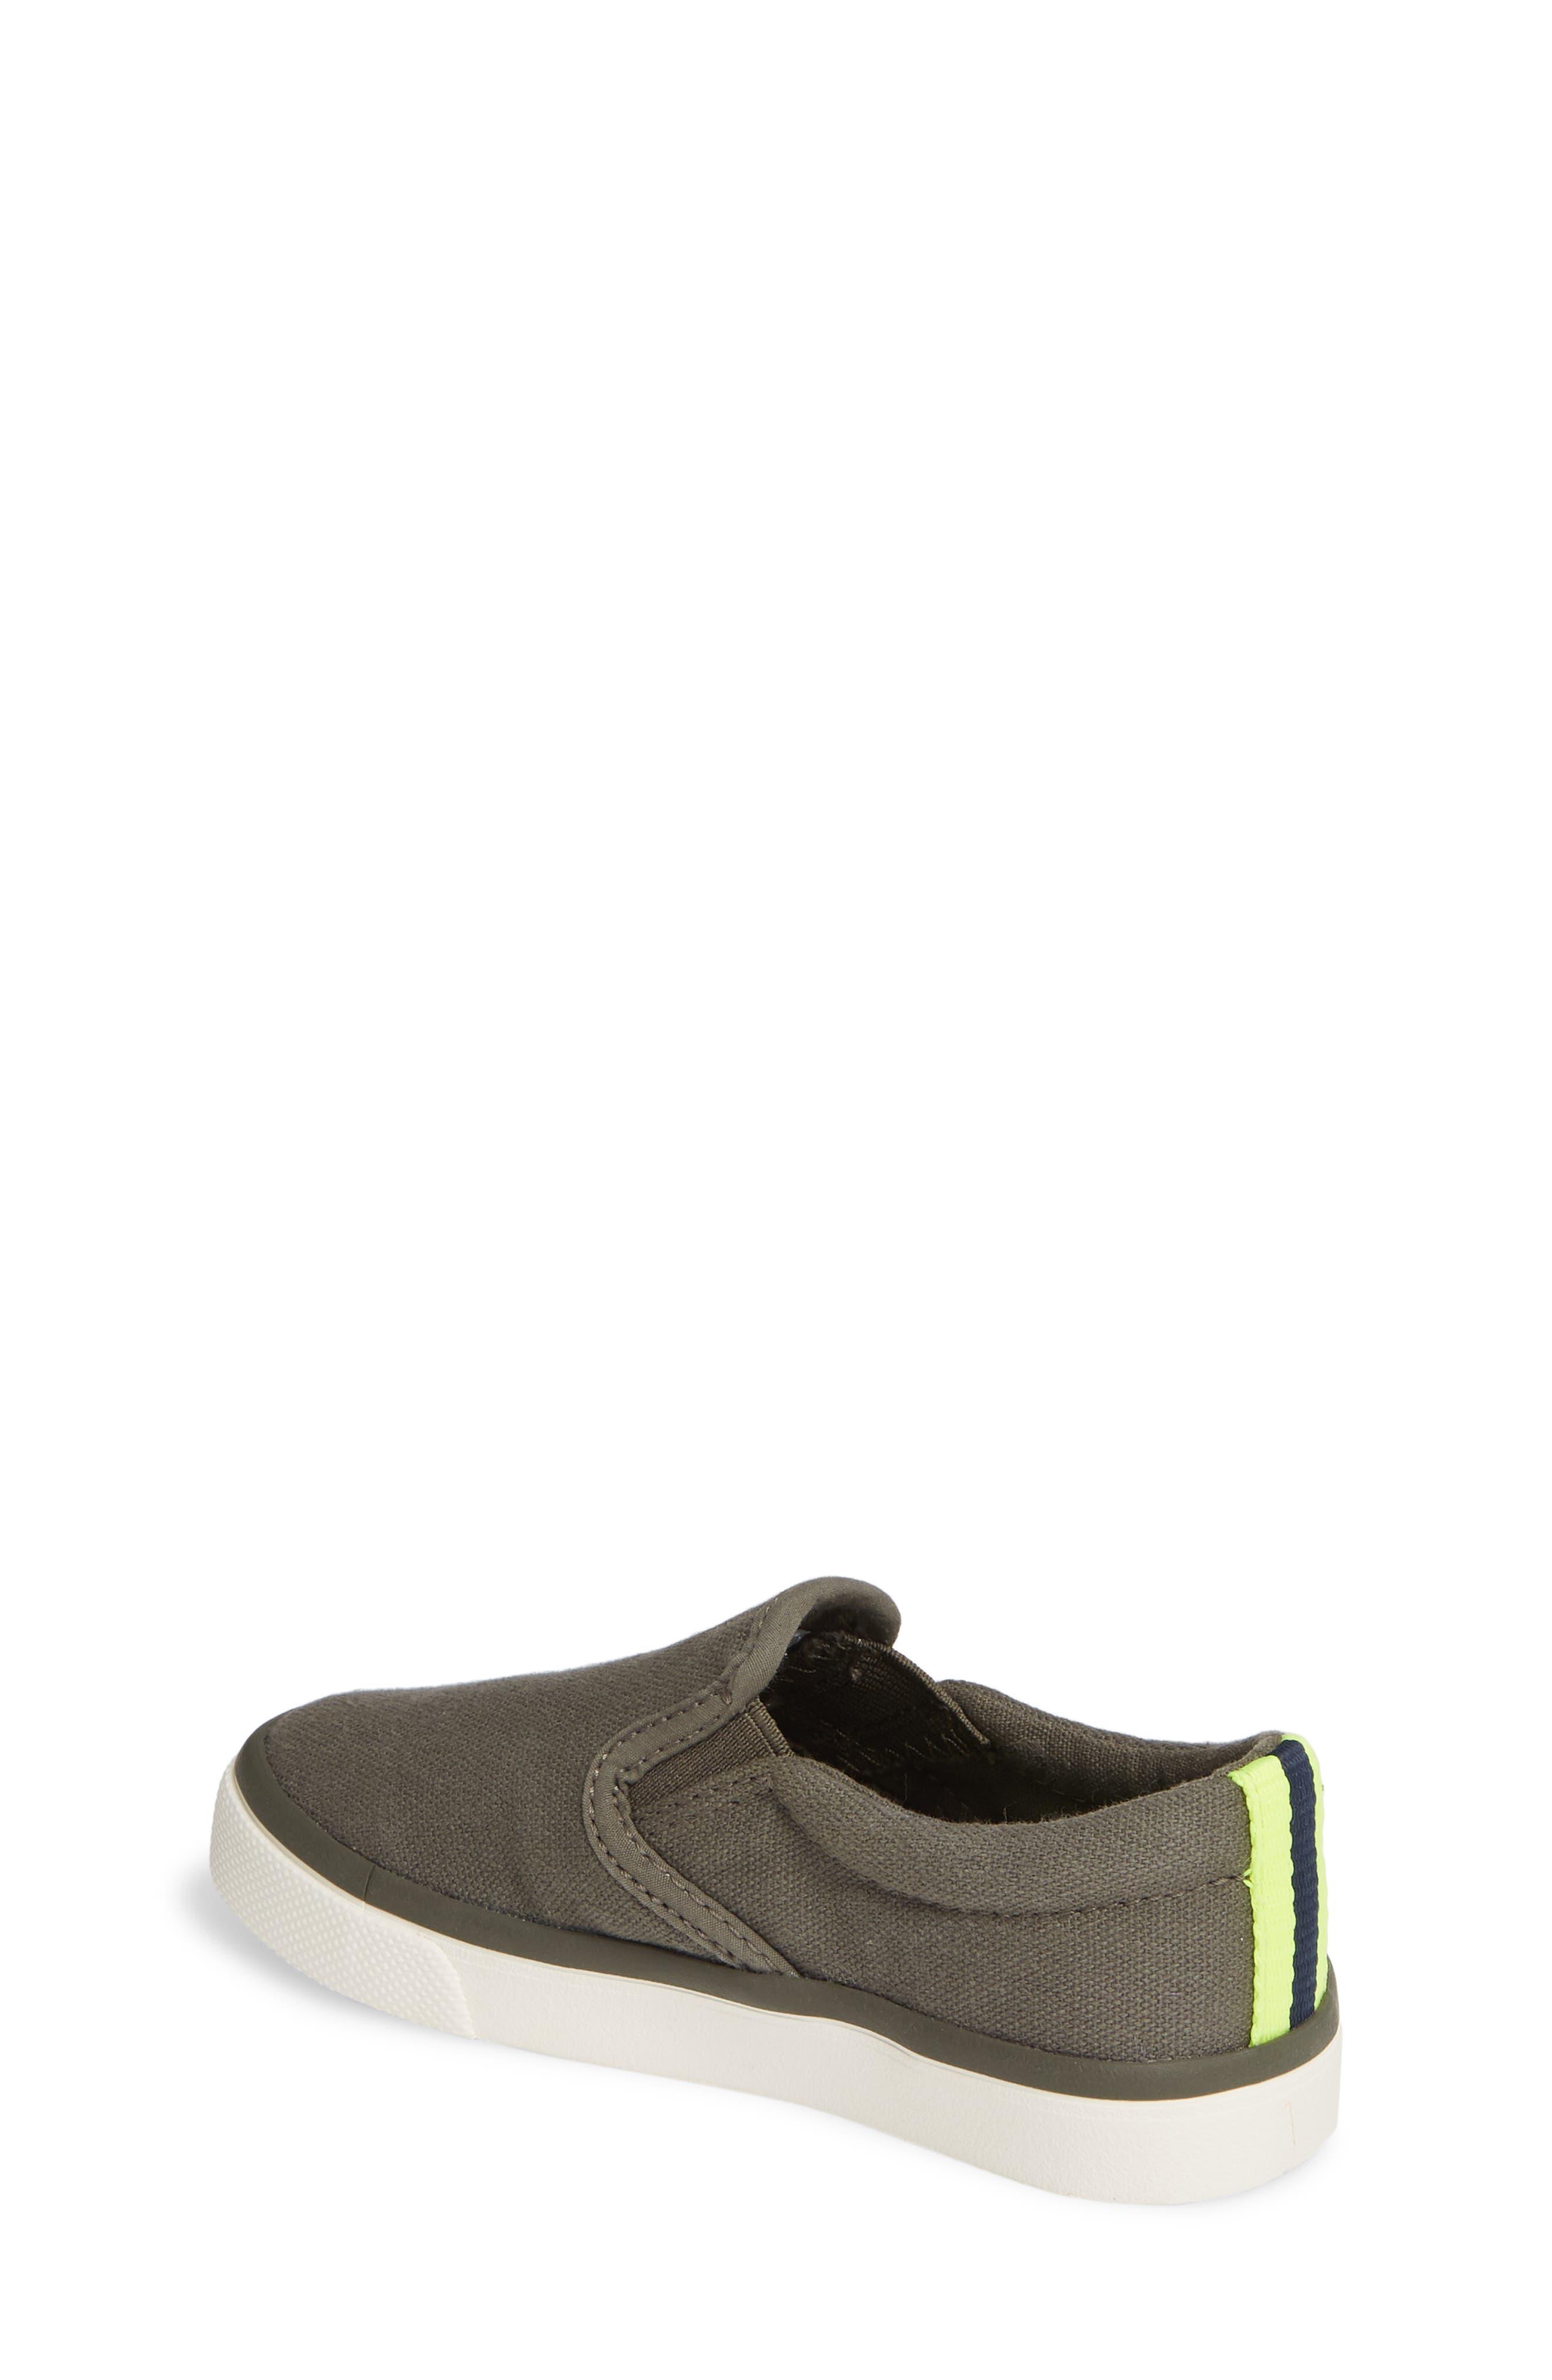 MINI BODEN,                             Slip-On Sneaker,                             Alternate thumbnail 2, color,                             ARMY GREEN